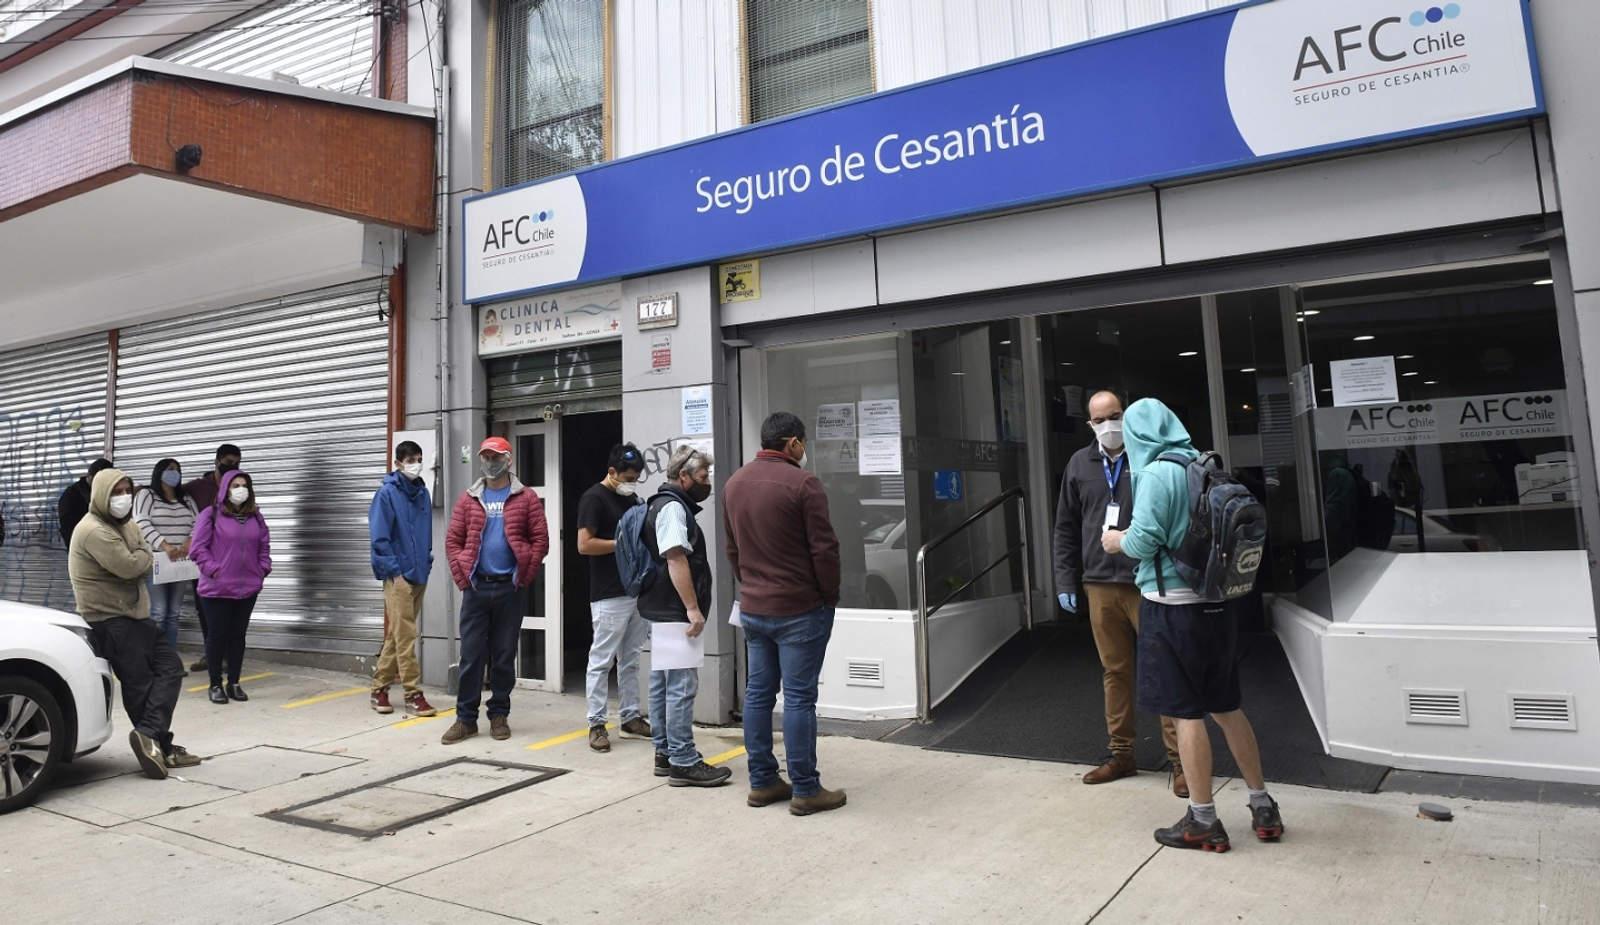 El desempleo en Chile aumentó al 8,2 % en el primer trimestre